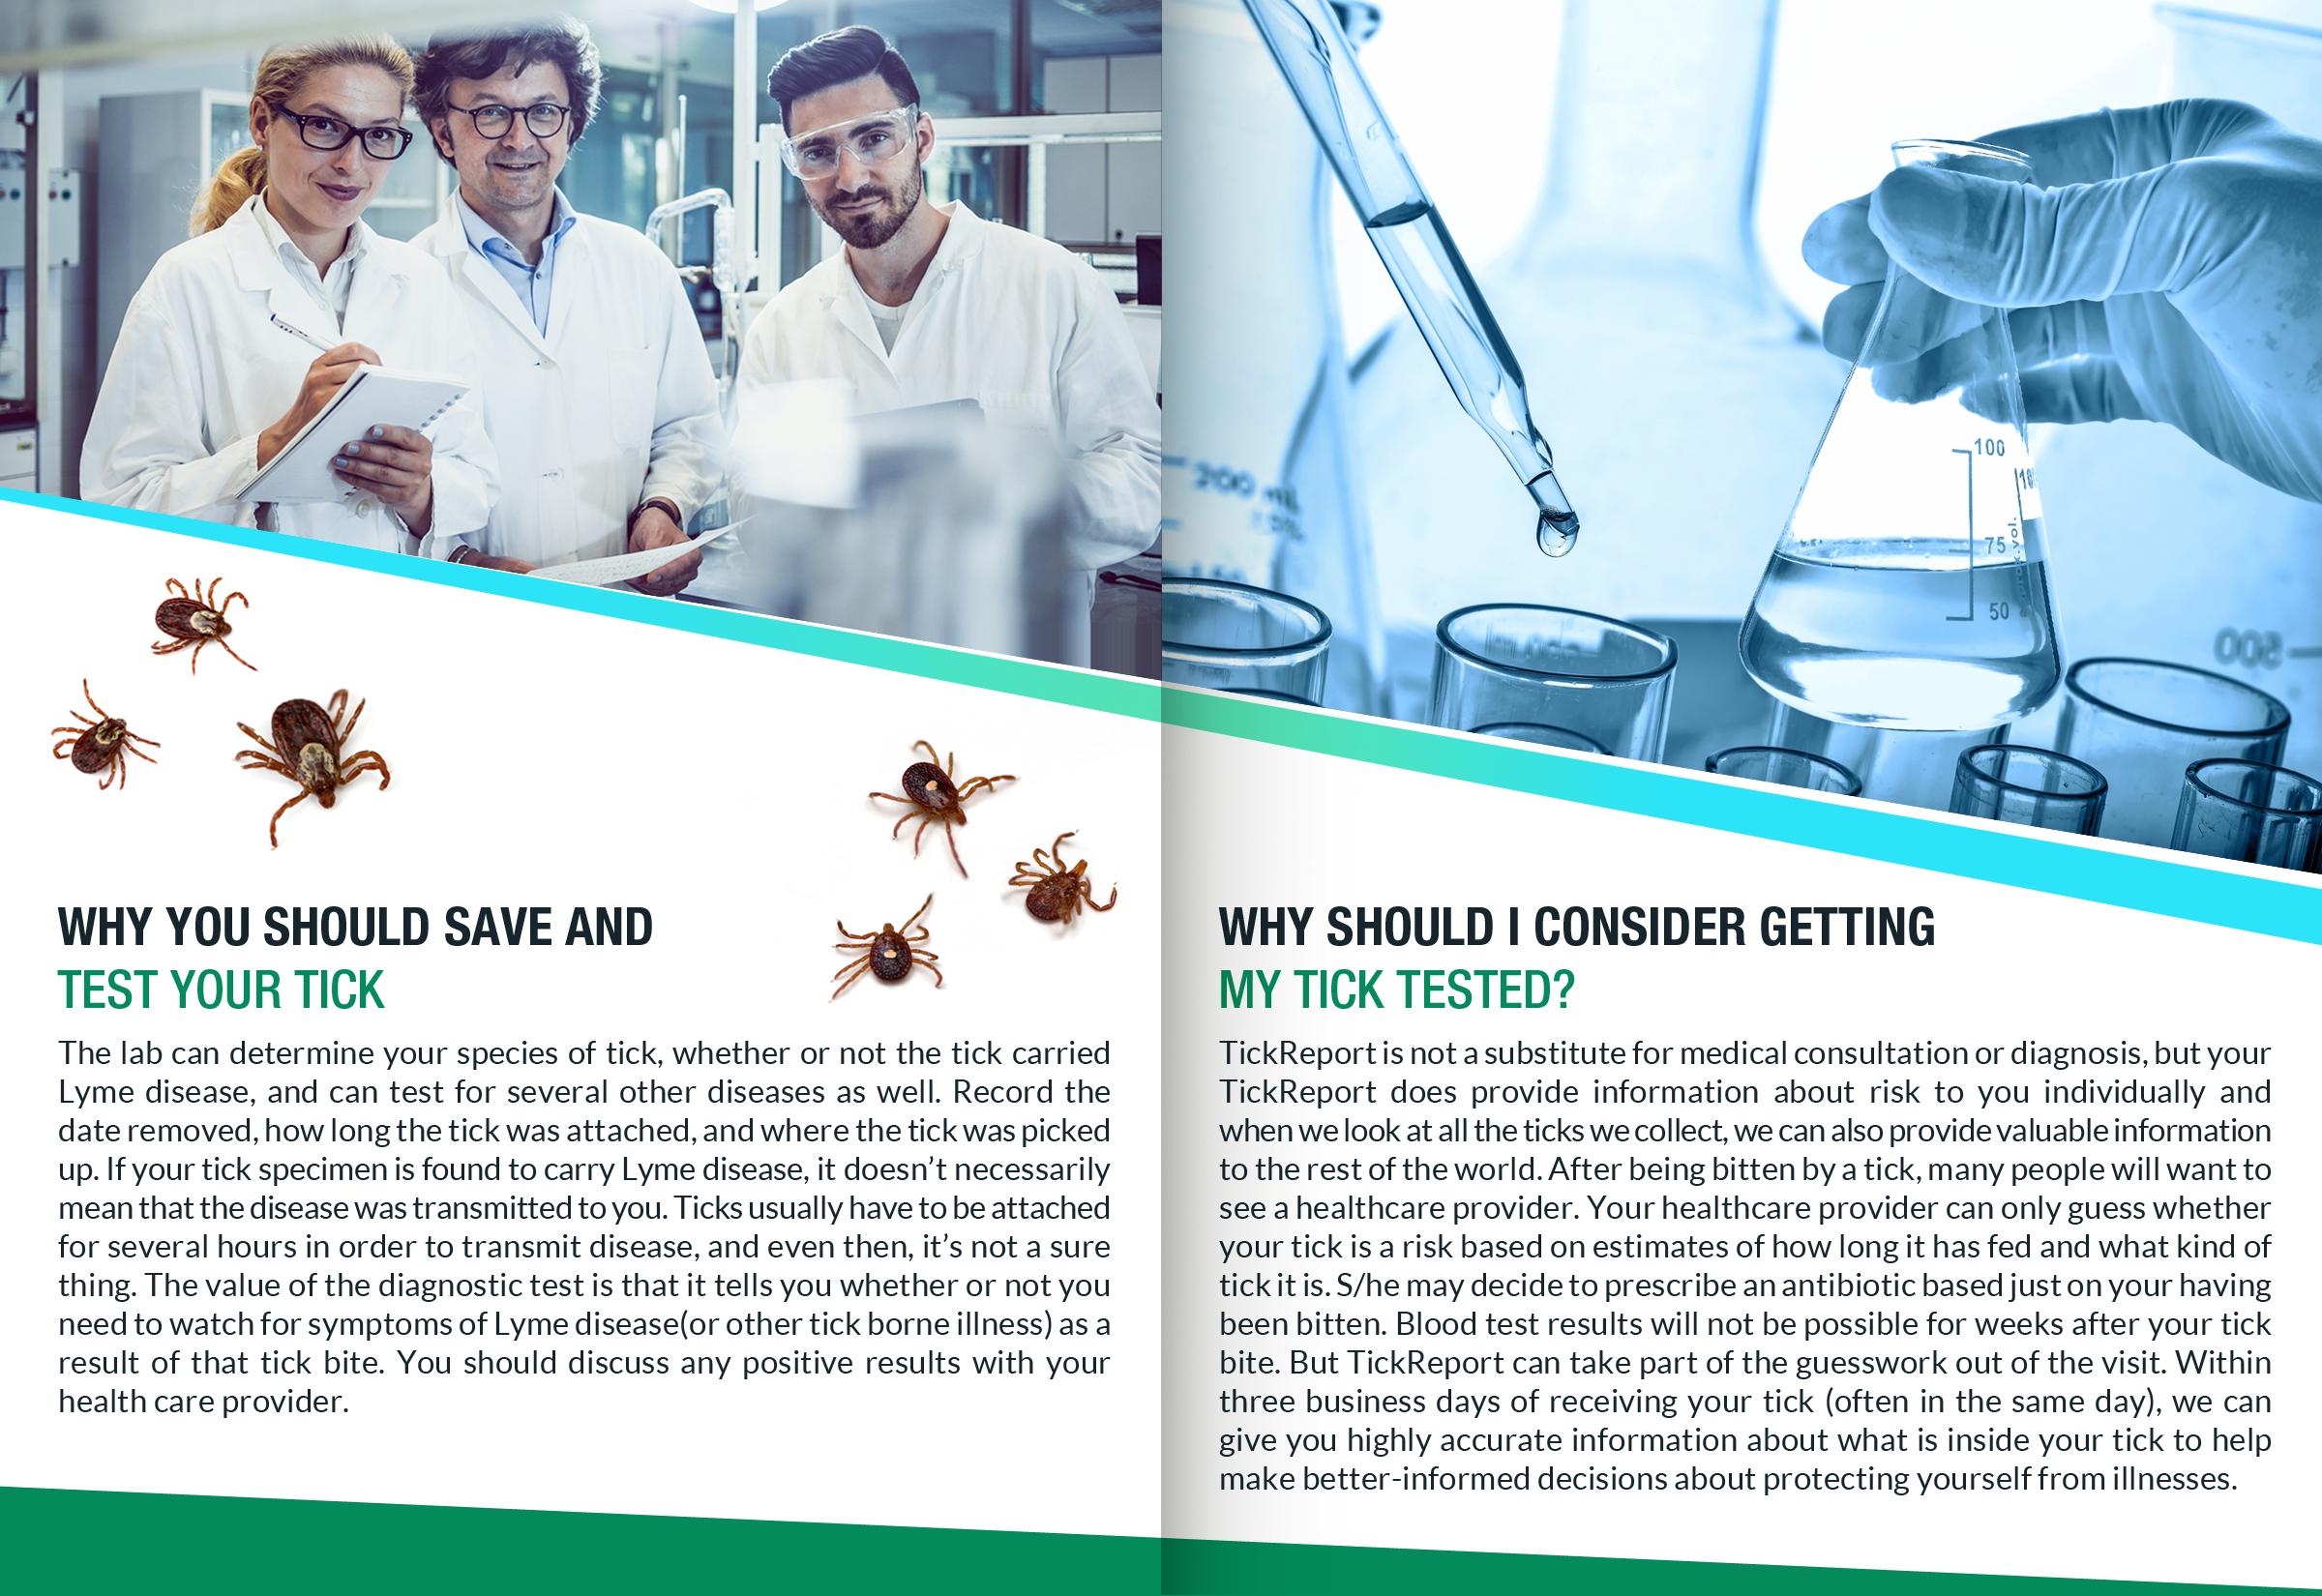 Tick Disease and Testing_Brochure_1_150617.jpg